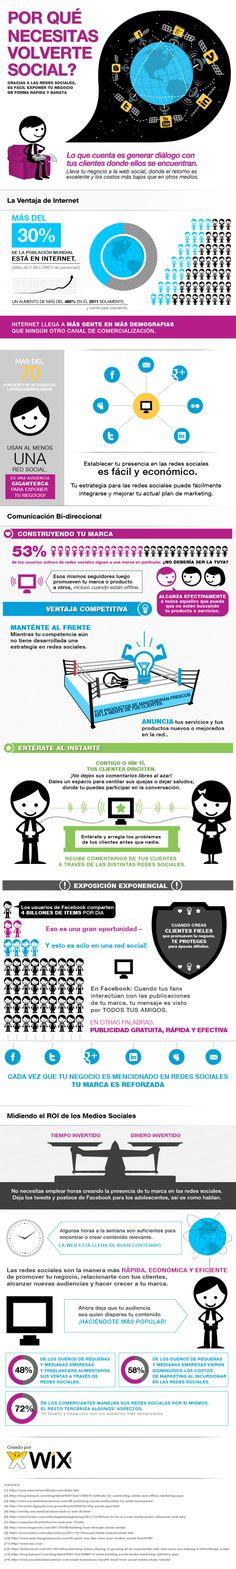 Más del 70% de internautas latinoamericanos usan al menos una red social [infografía]